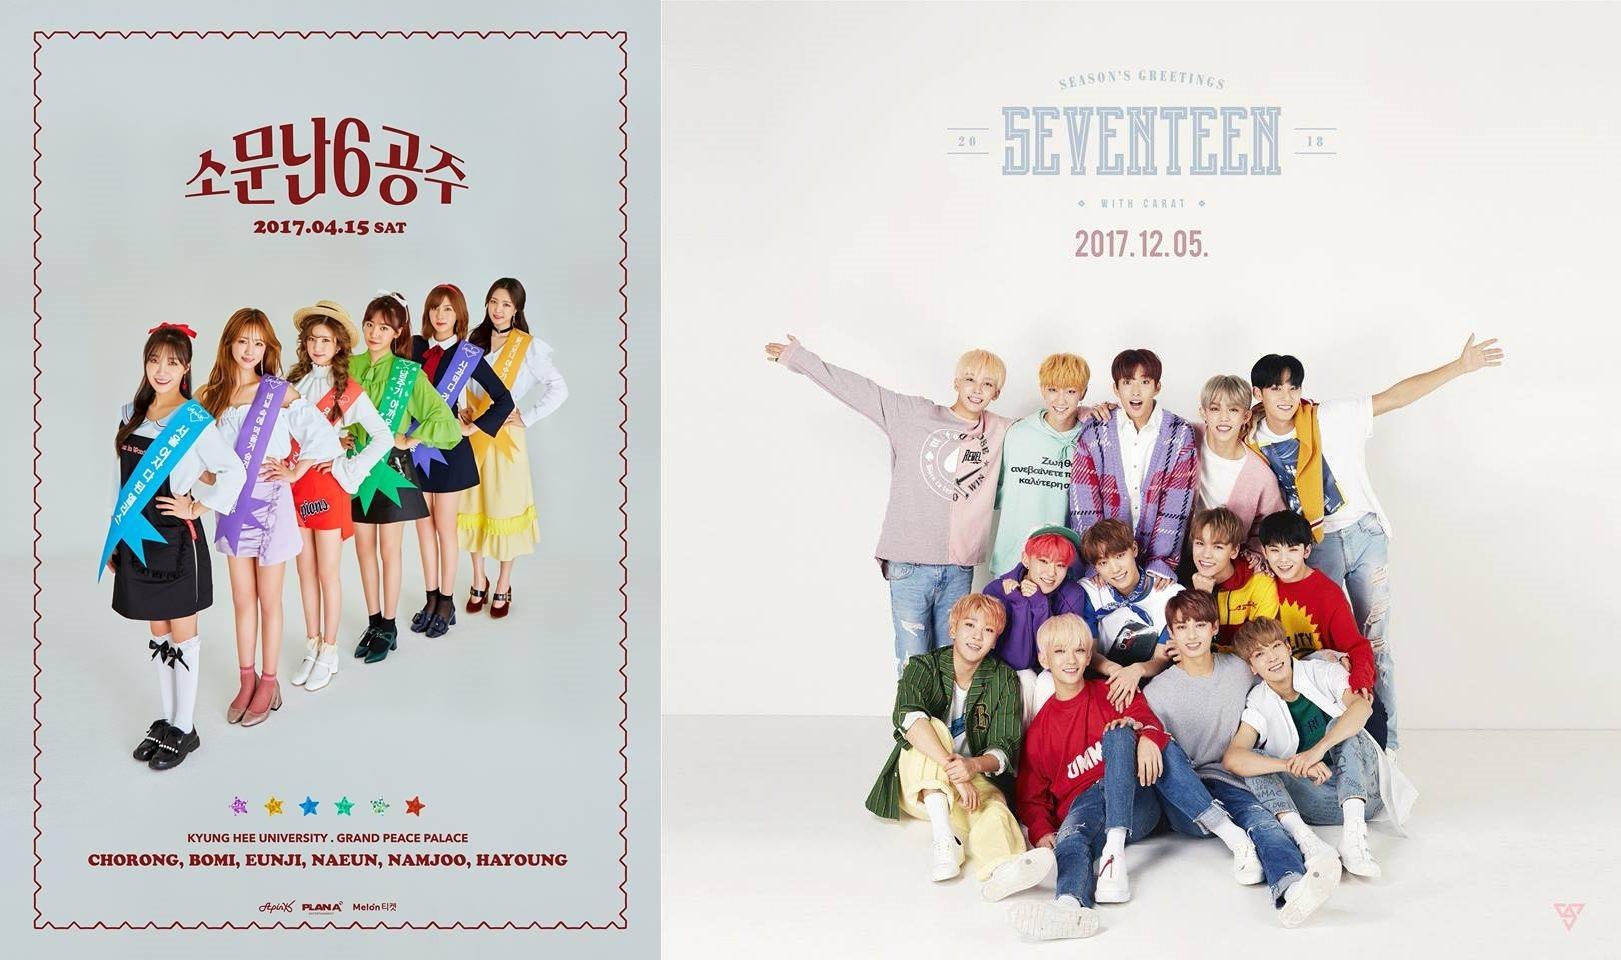 """不過這次的MBC還有一個很有趣的主題叫做「Fans」,要讓一年的最後偶像與粉絲有交流的機會!但是之前公開的各家偶像的粉絲要達成的任務,卻比想像中更加艱難! 像是Seventeen 的粉絲任務就是要交出自己""""清唱""""Seventeen歌曲的影片,而想要看到 APINK的現場預錄粉絲則需要扮成「熊貓入場」。"""